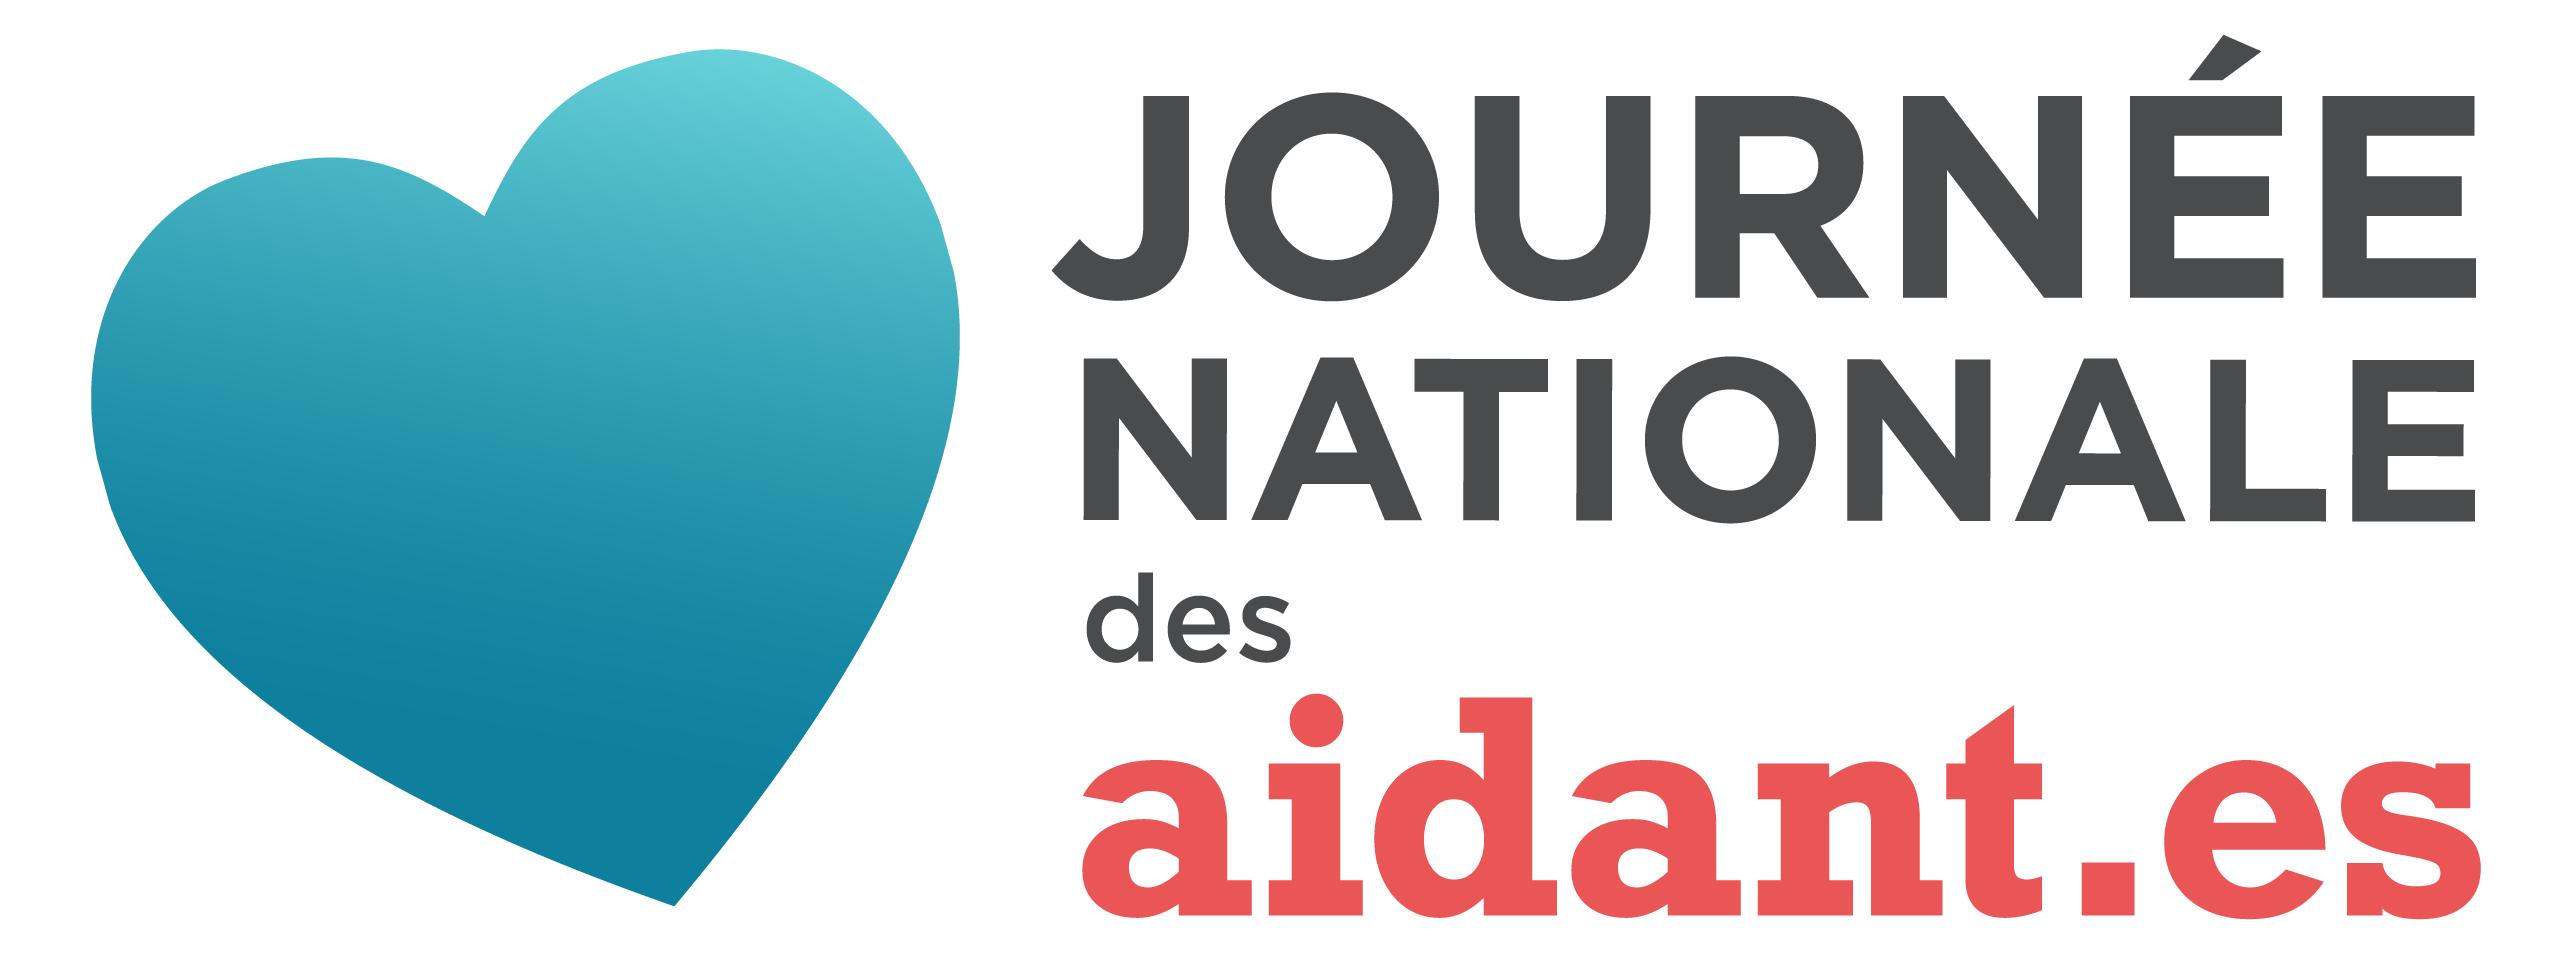 Evènement à la Rochelle : Le 13 octobre